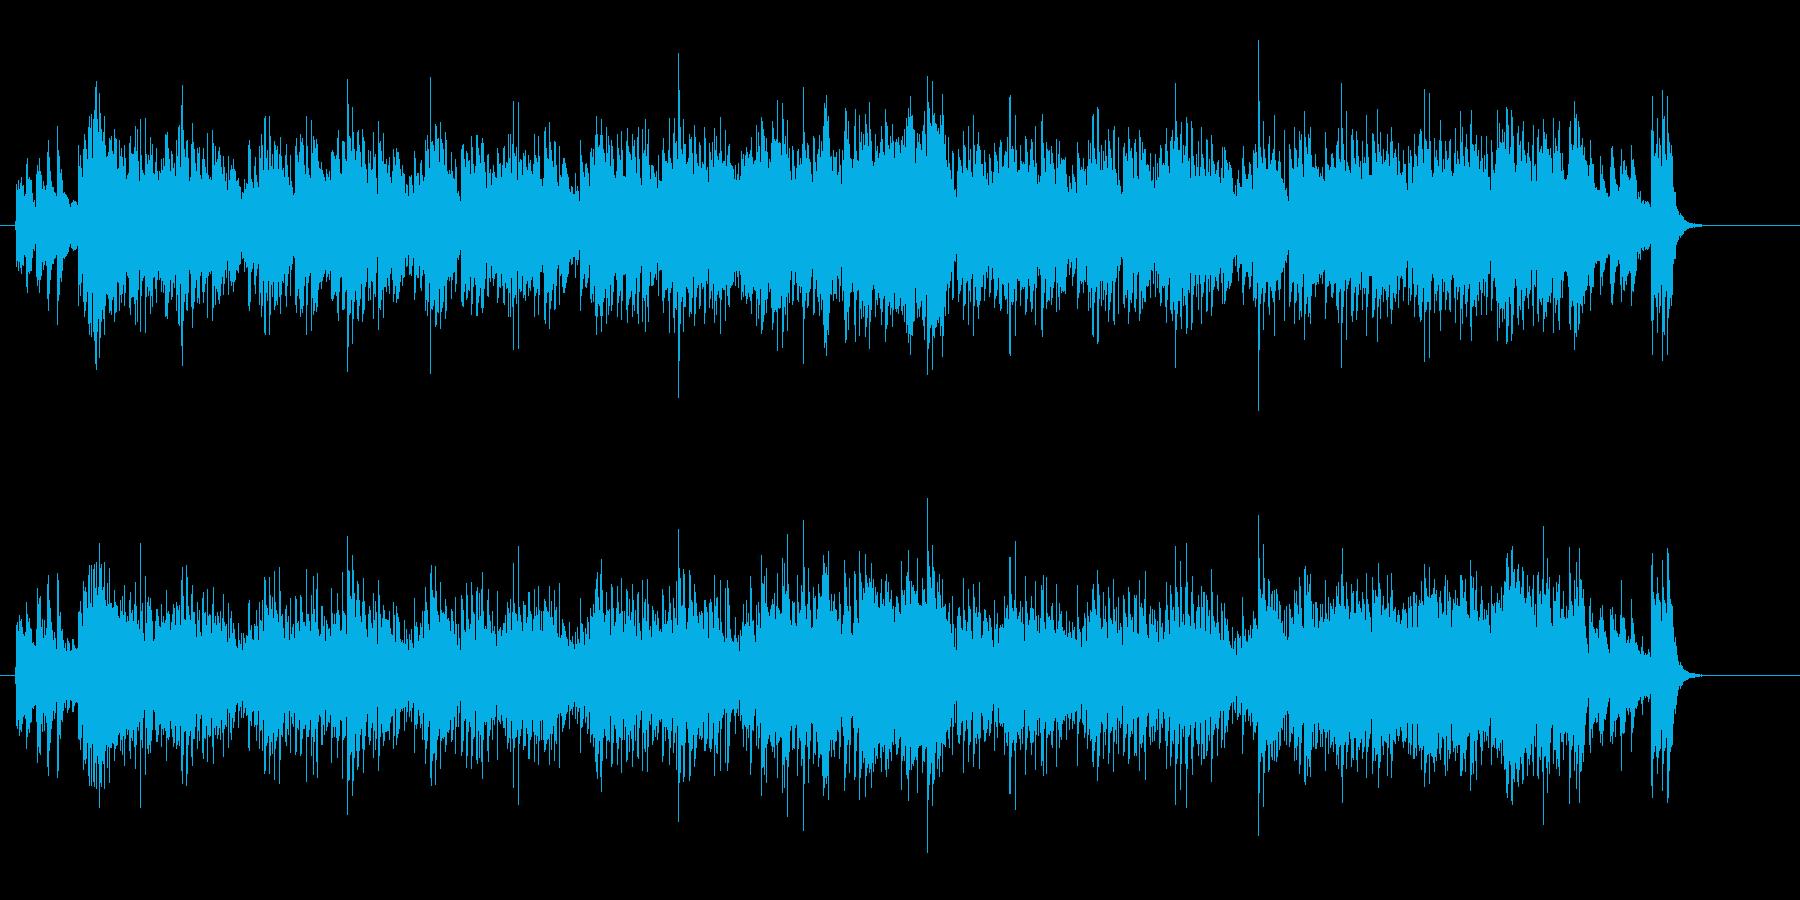 リズミカルでユーモラスなポップスの再生済みの波形